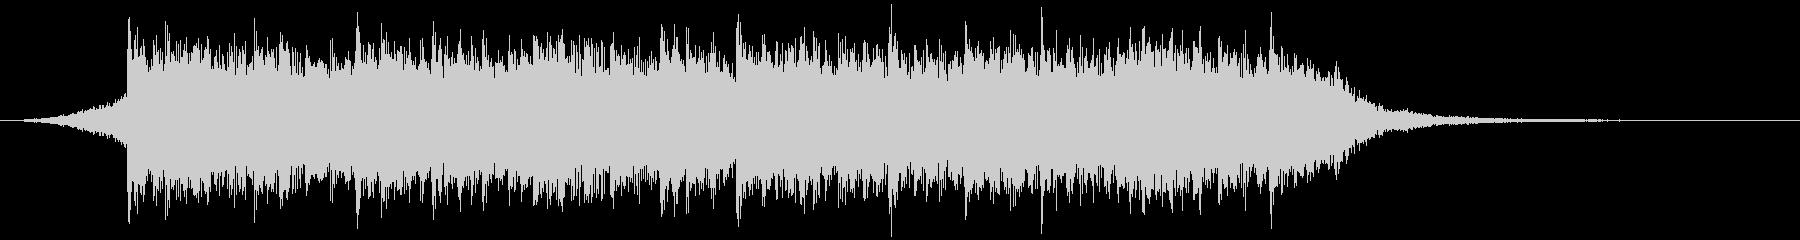 企業VP映像、154オーケストラ、爽快Sの未再生の波形